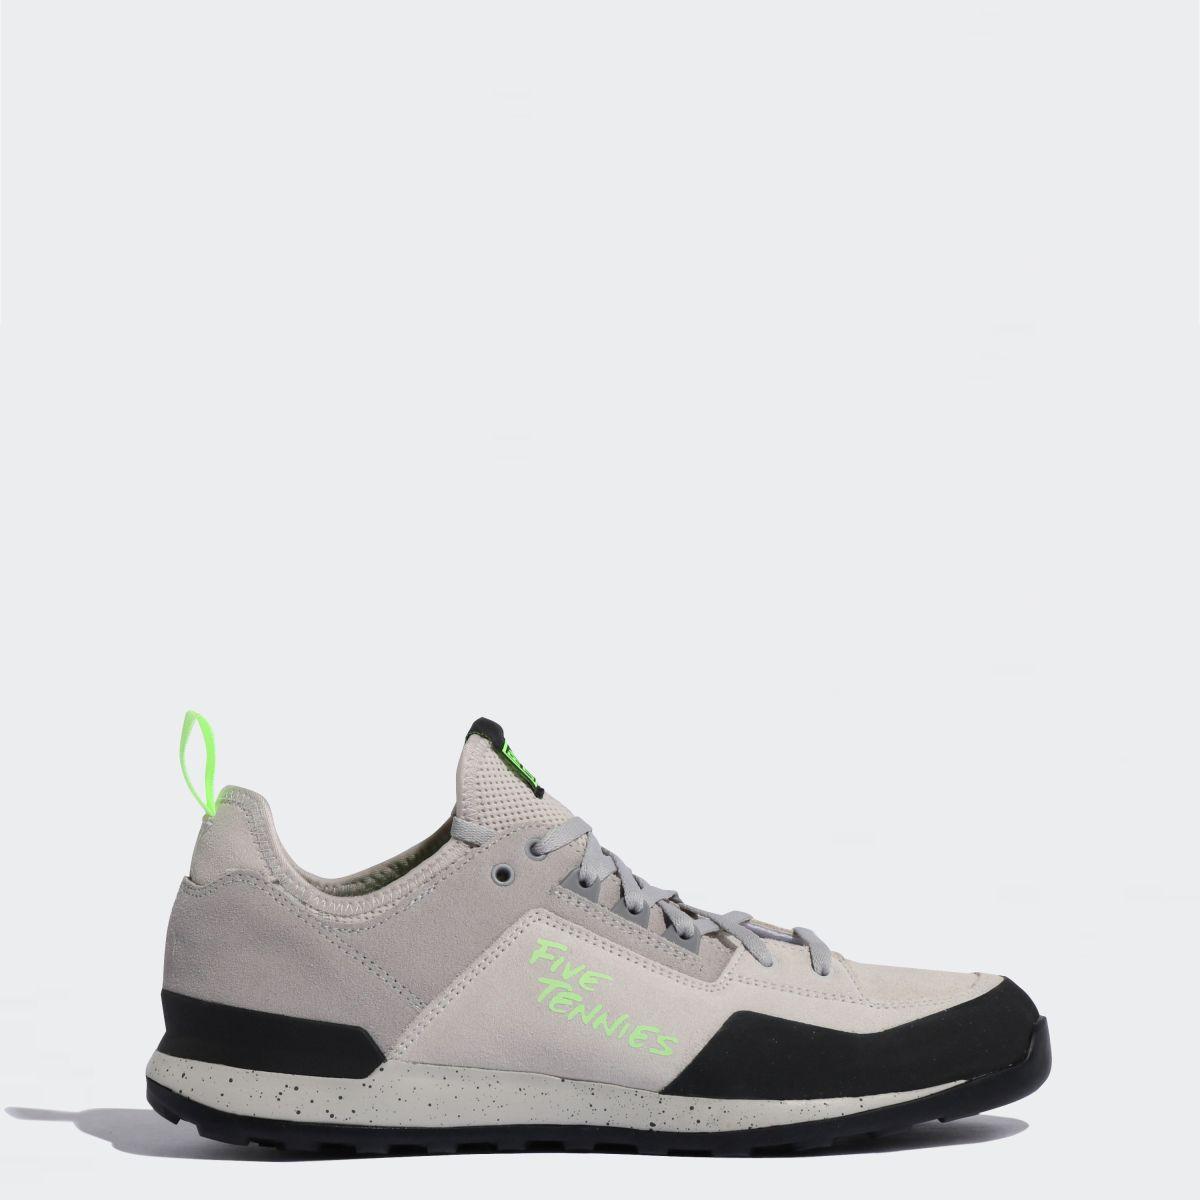 【公式】アディダス adidas Five Tennie Shoes メンズ アディダス ファイブテン アウトドア シューズ スポーツシューズ EF7512